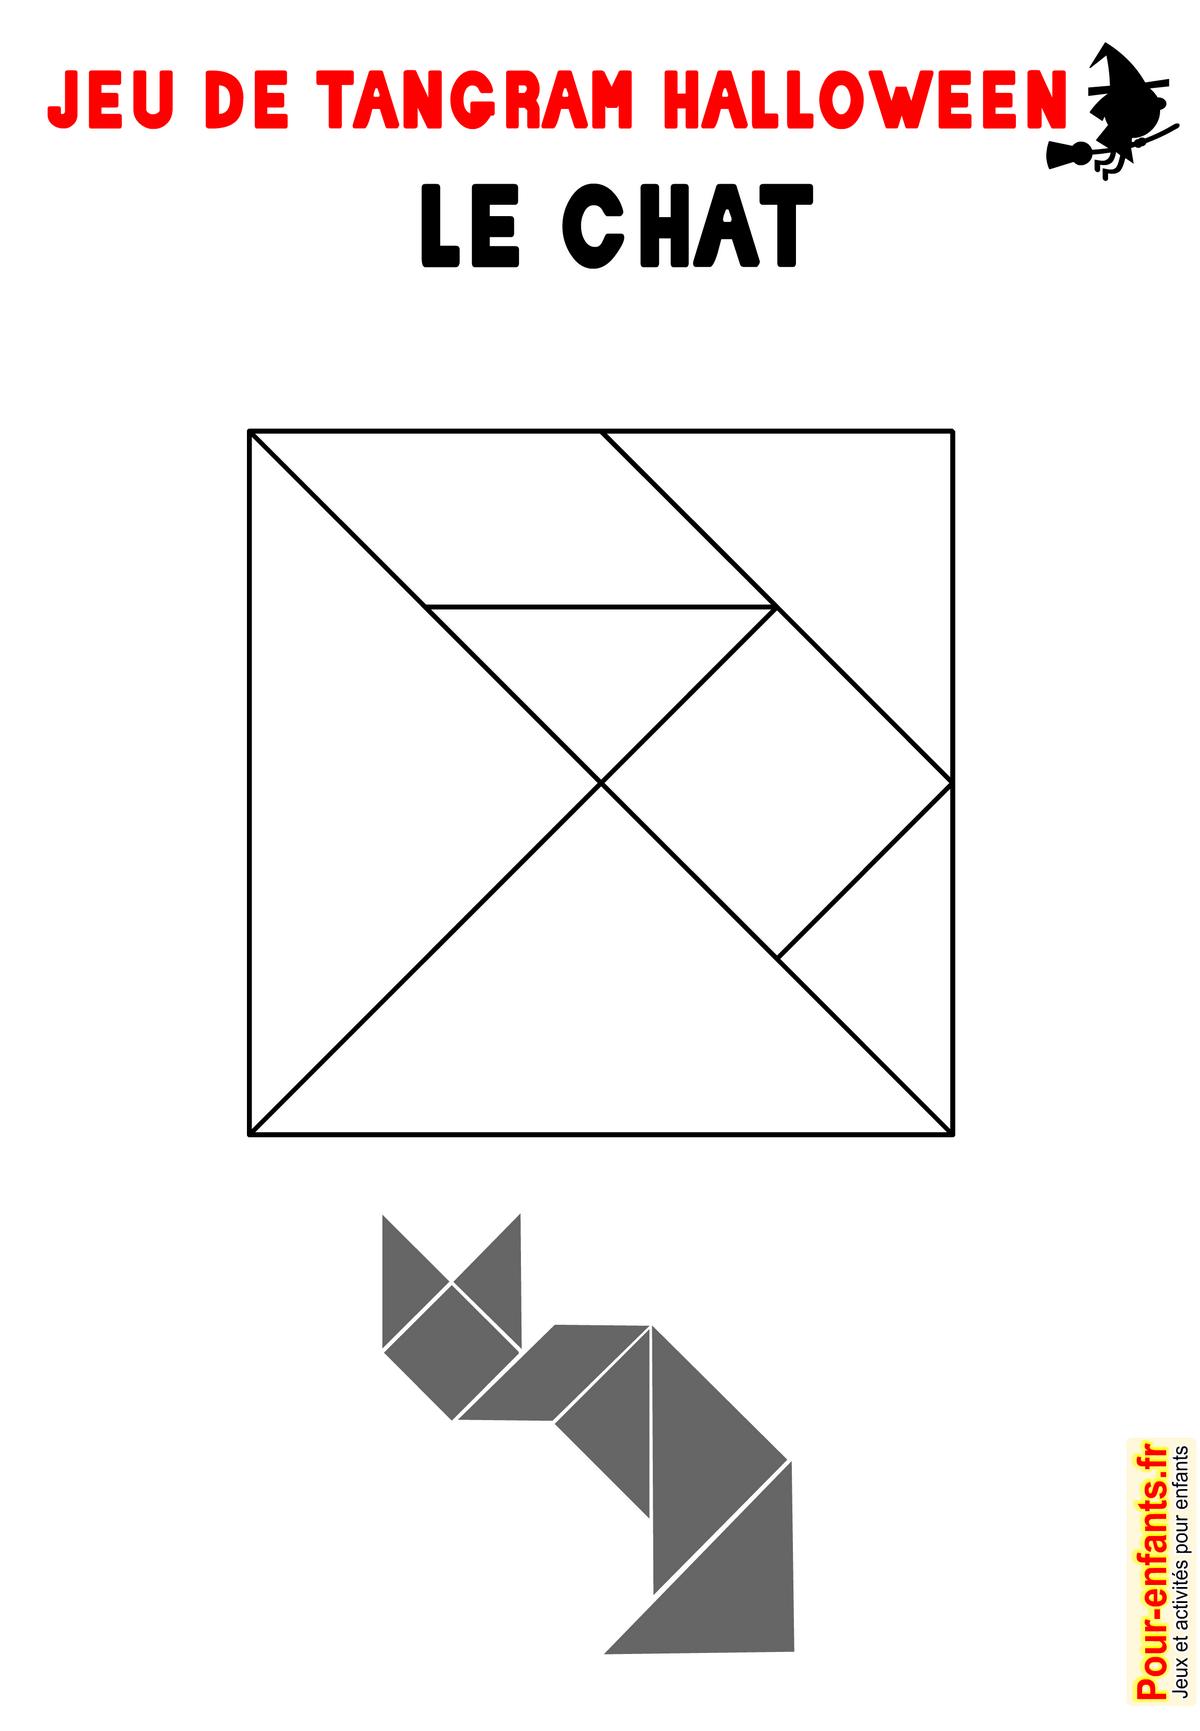 Jeu De Tangram À Imprimer Chat Halloween Imprimable Gratuit pour Puzzle En Ligne Maternelle